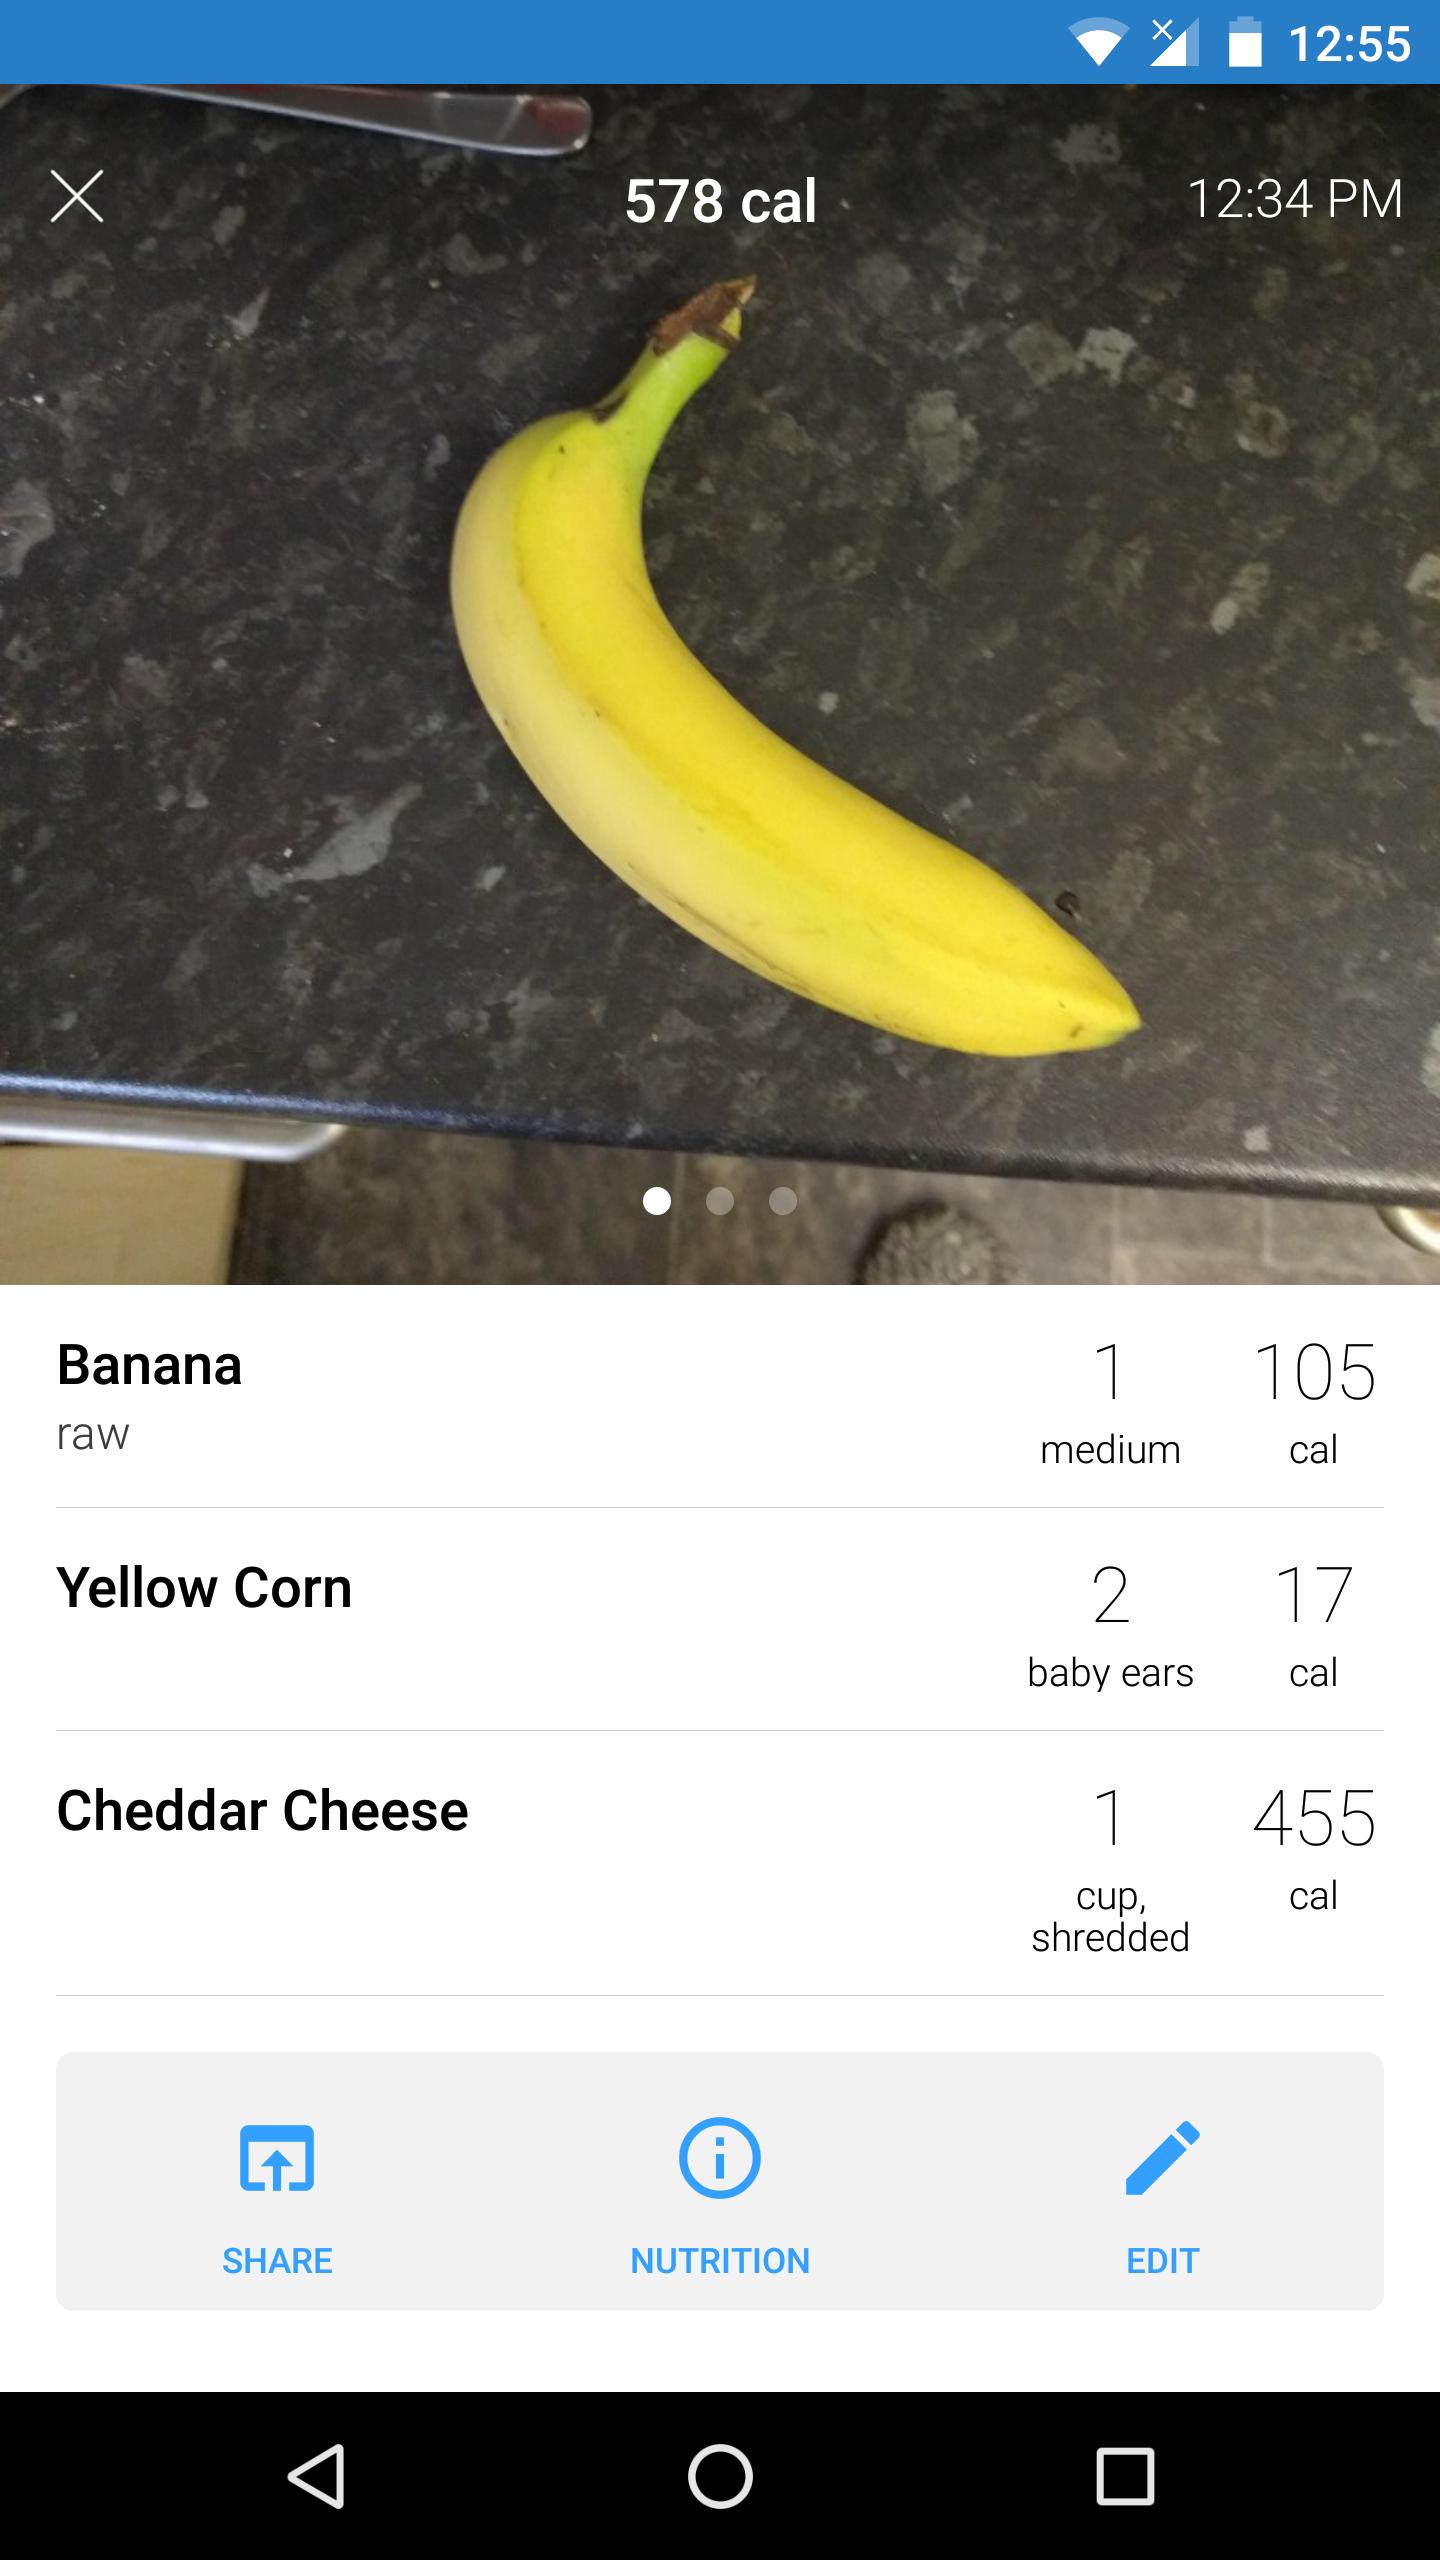 1 1 - تطبيق Bitesnap لمساعدتك في بناء نظامك الغذائي الصحي بأفكار جديدة